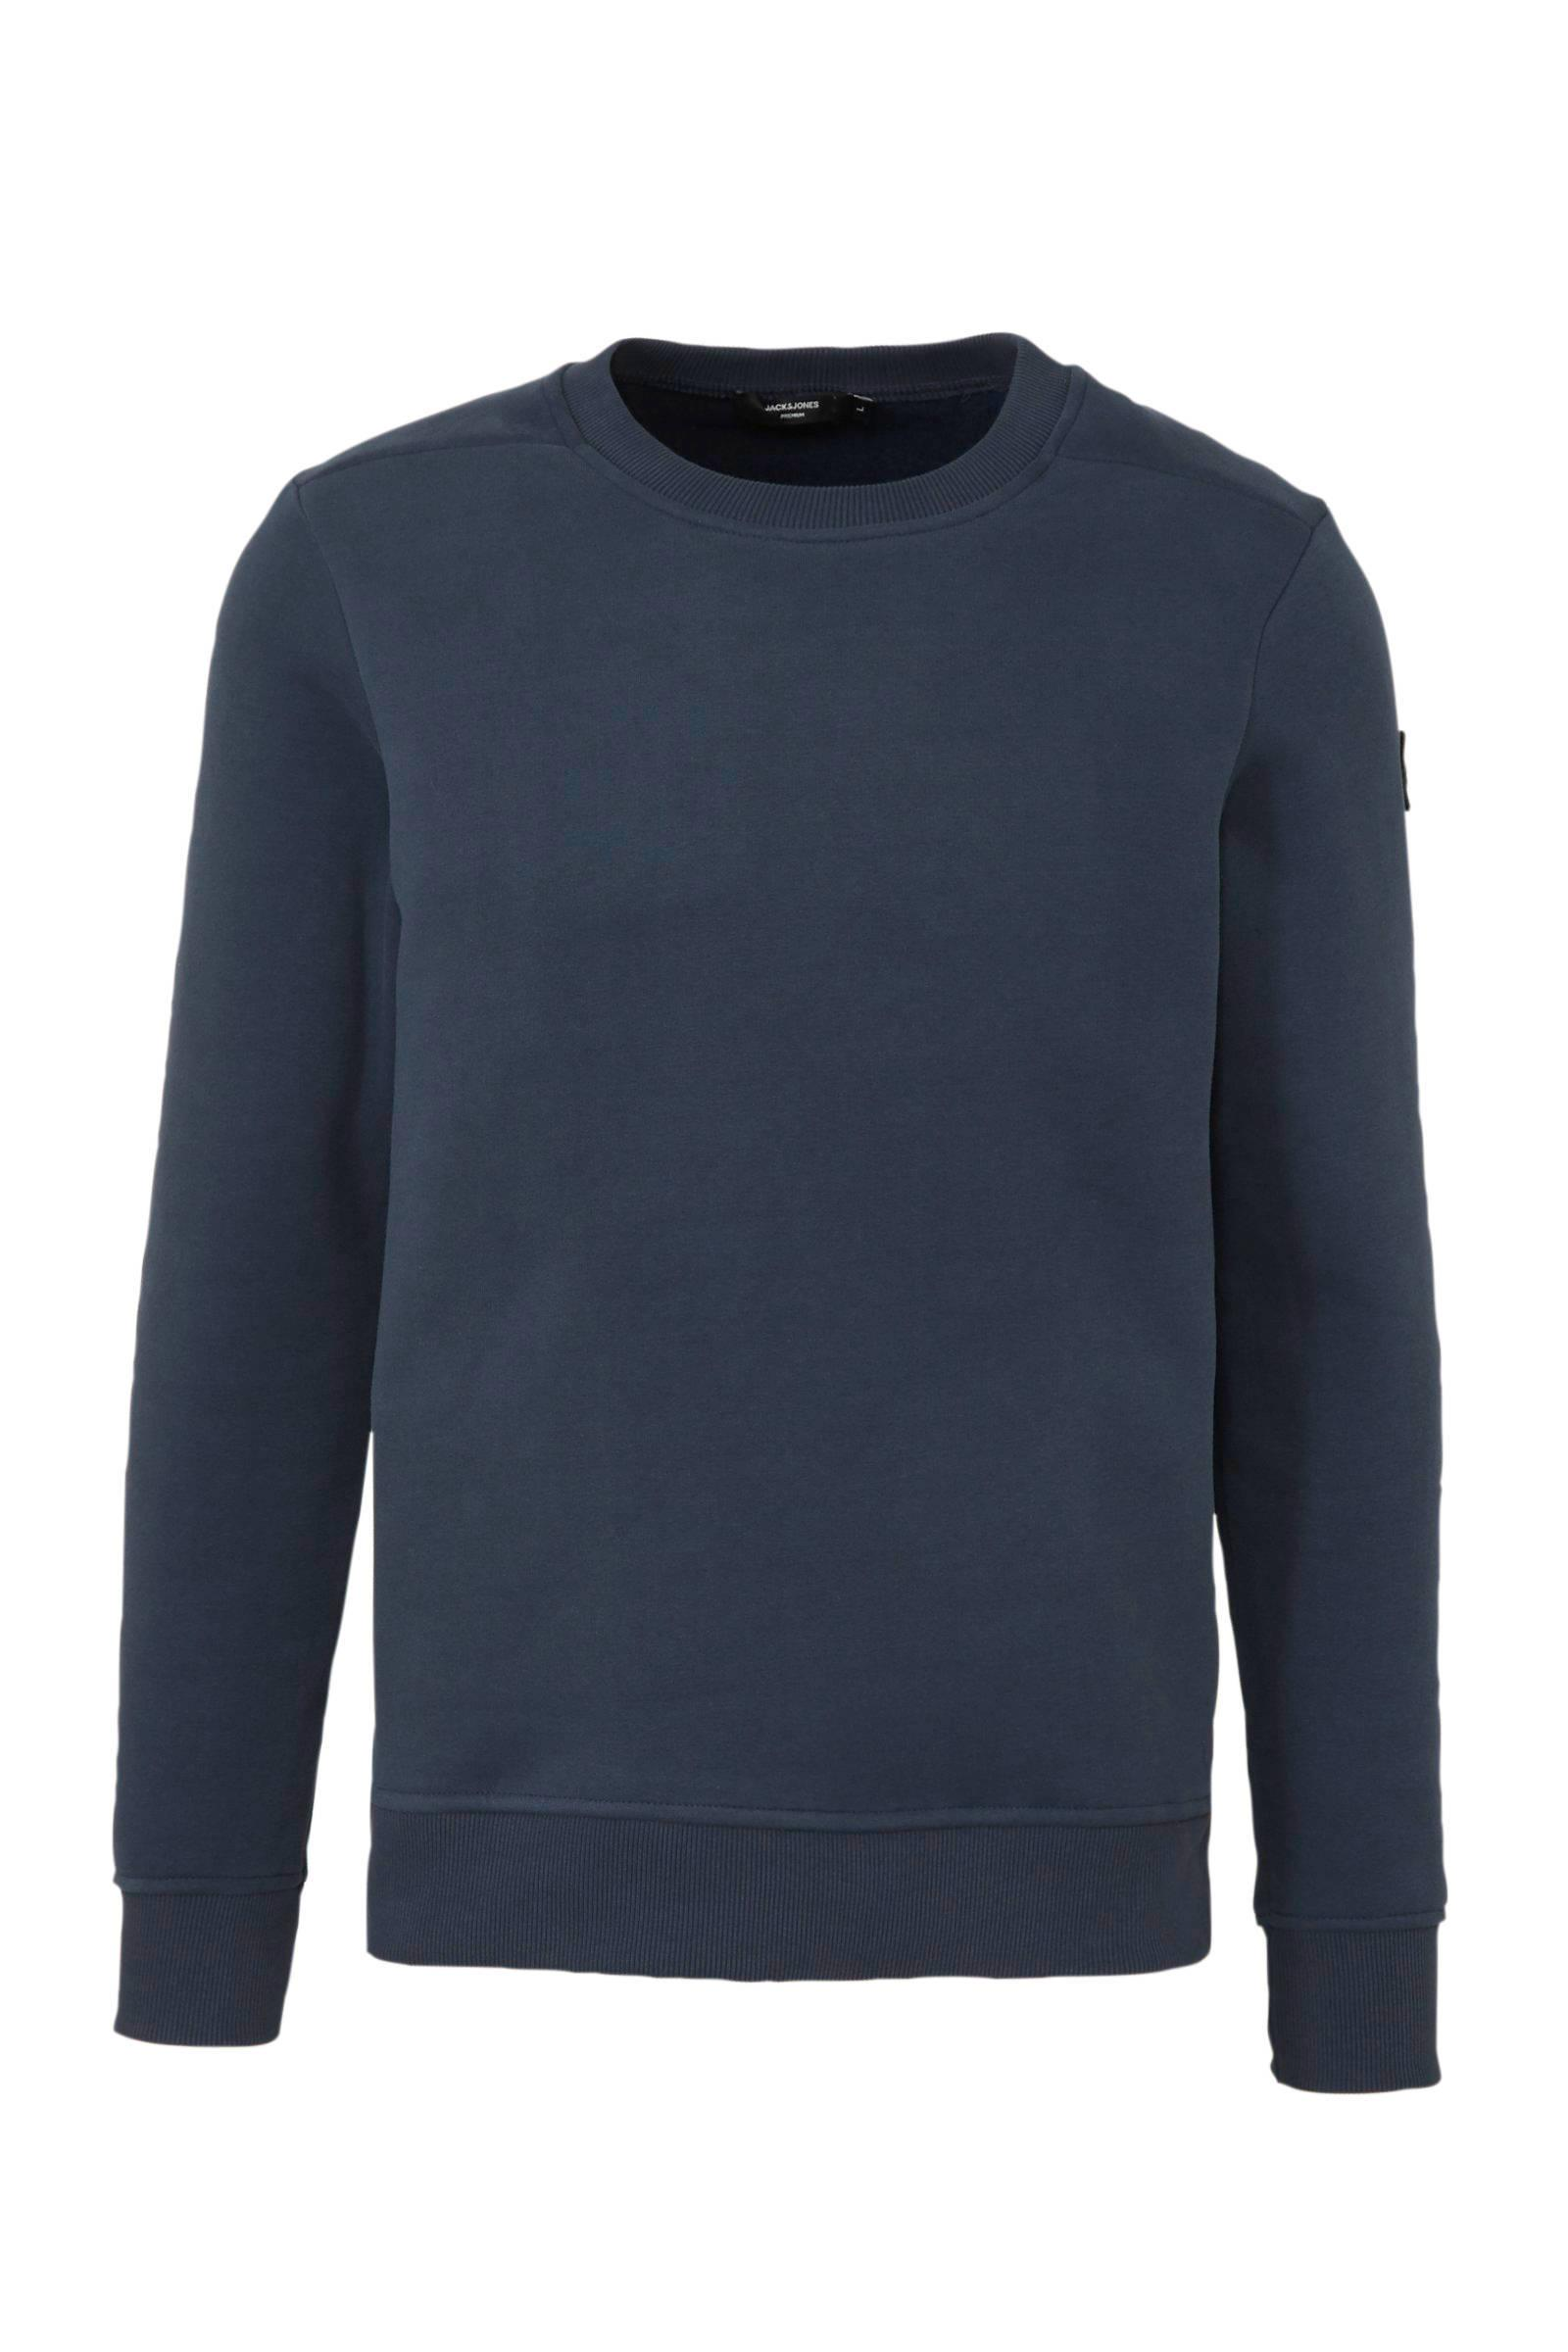 Jack & Jones Sweater in het Blauw voor heren